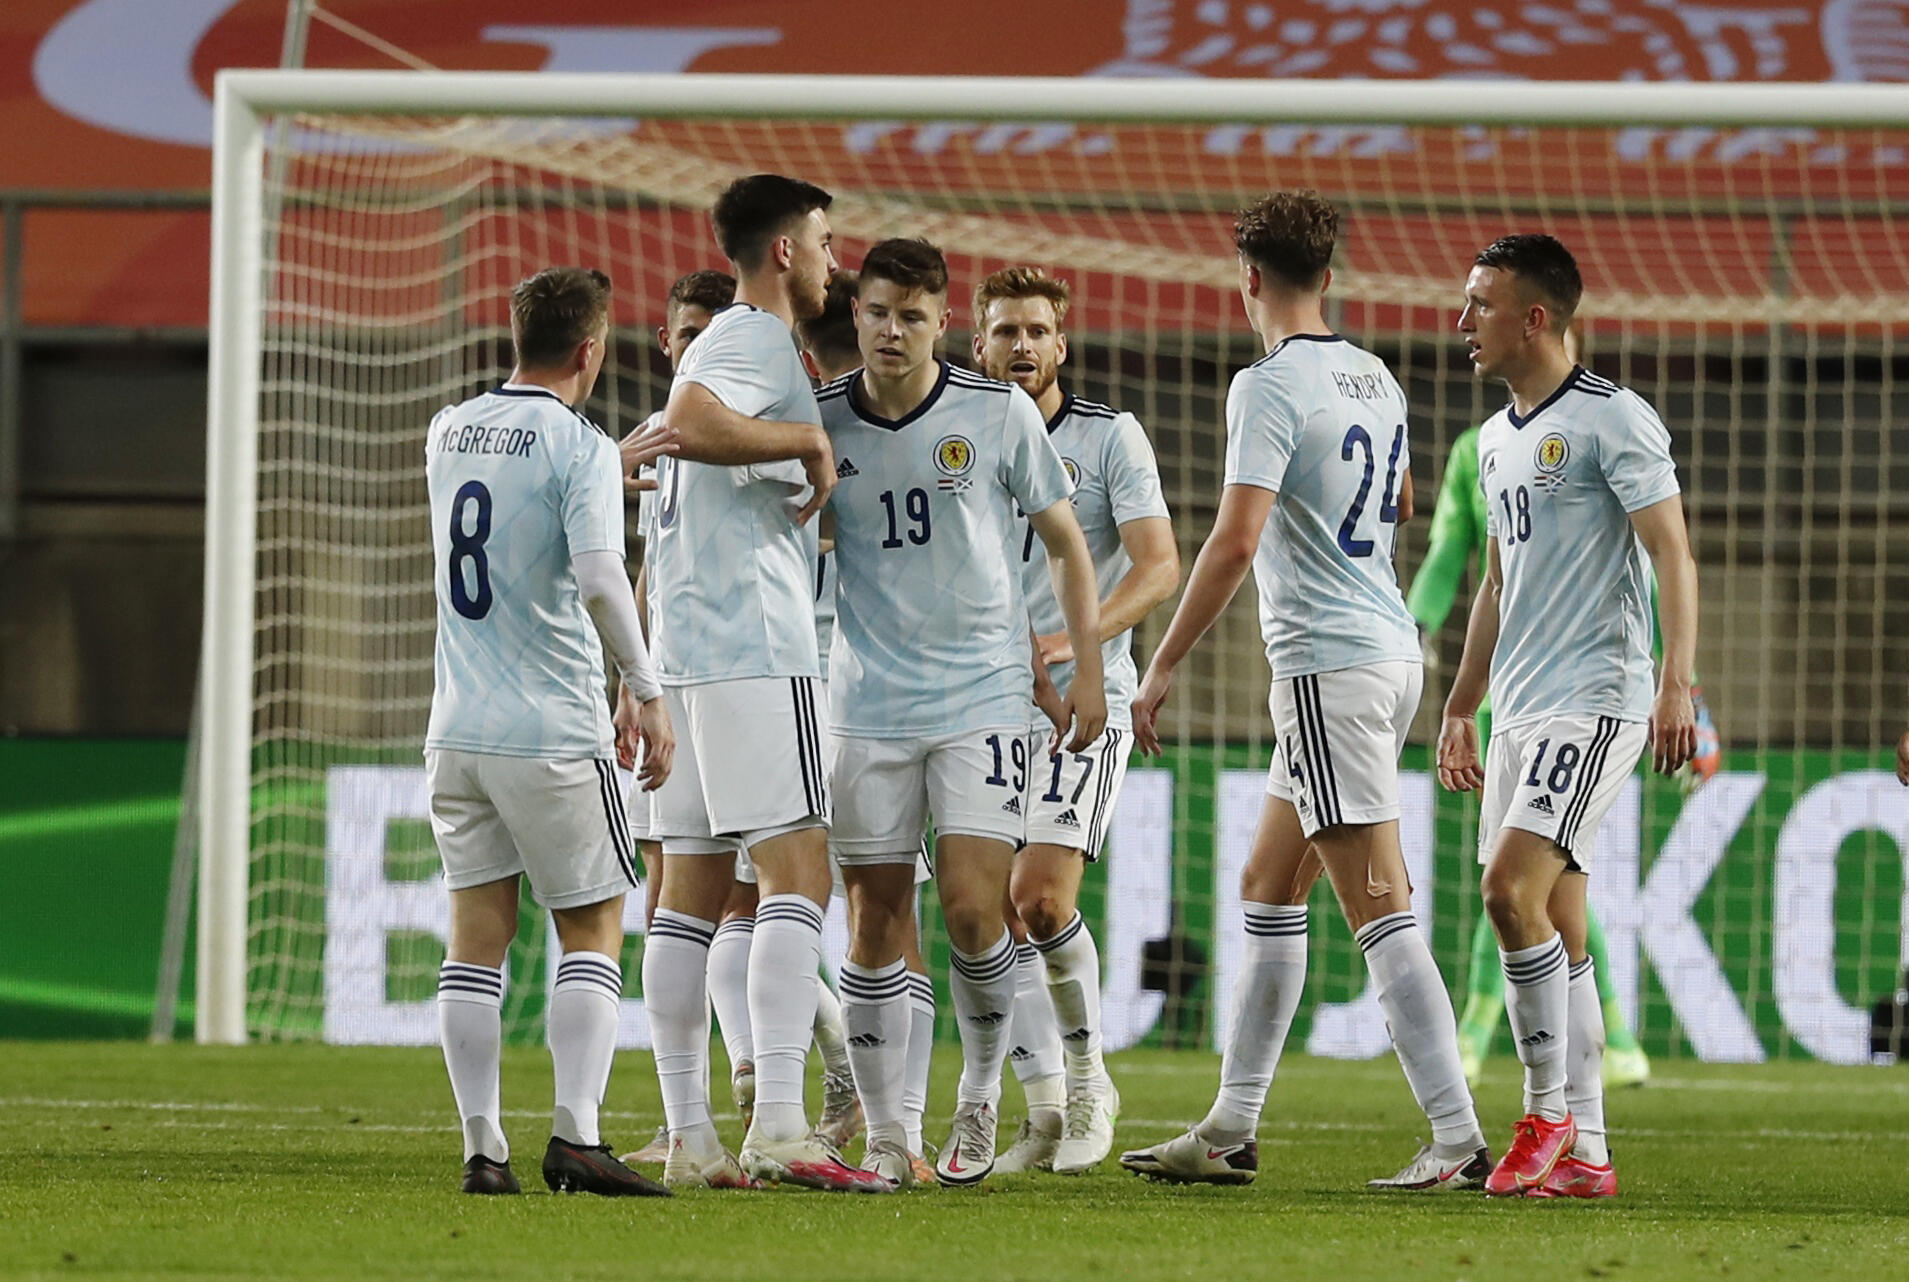 Ο Κέβιν Νίσμπετ και οι συμπαίκτες του από τη Σκωτία, αφού σημείωσαν το δεύτερο γκολ στην Ολλανδία στις 2 Ιουνίου 2021.